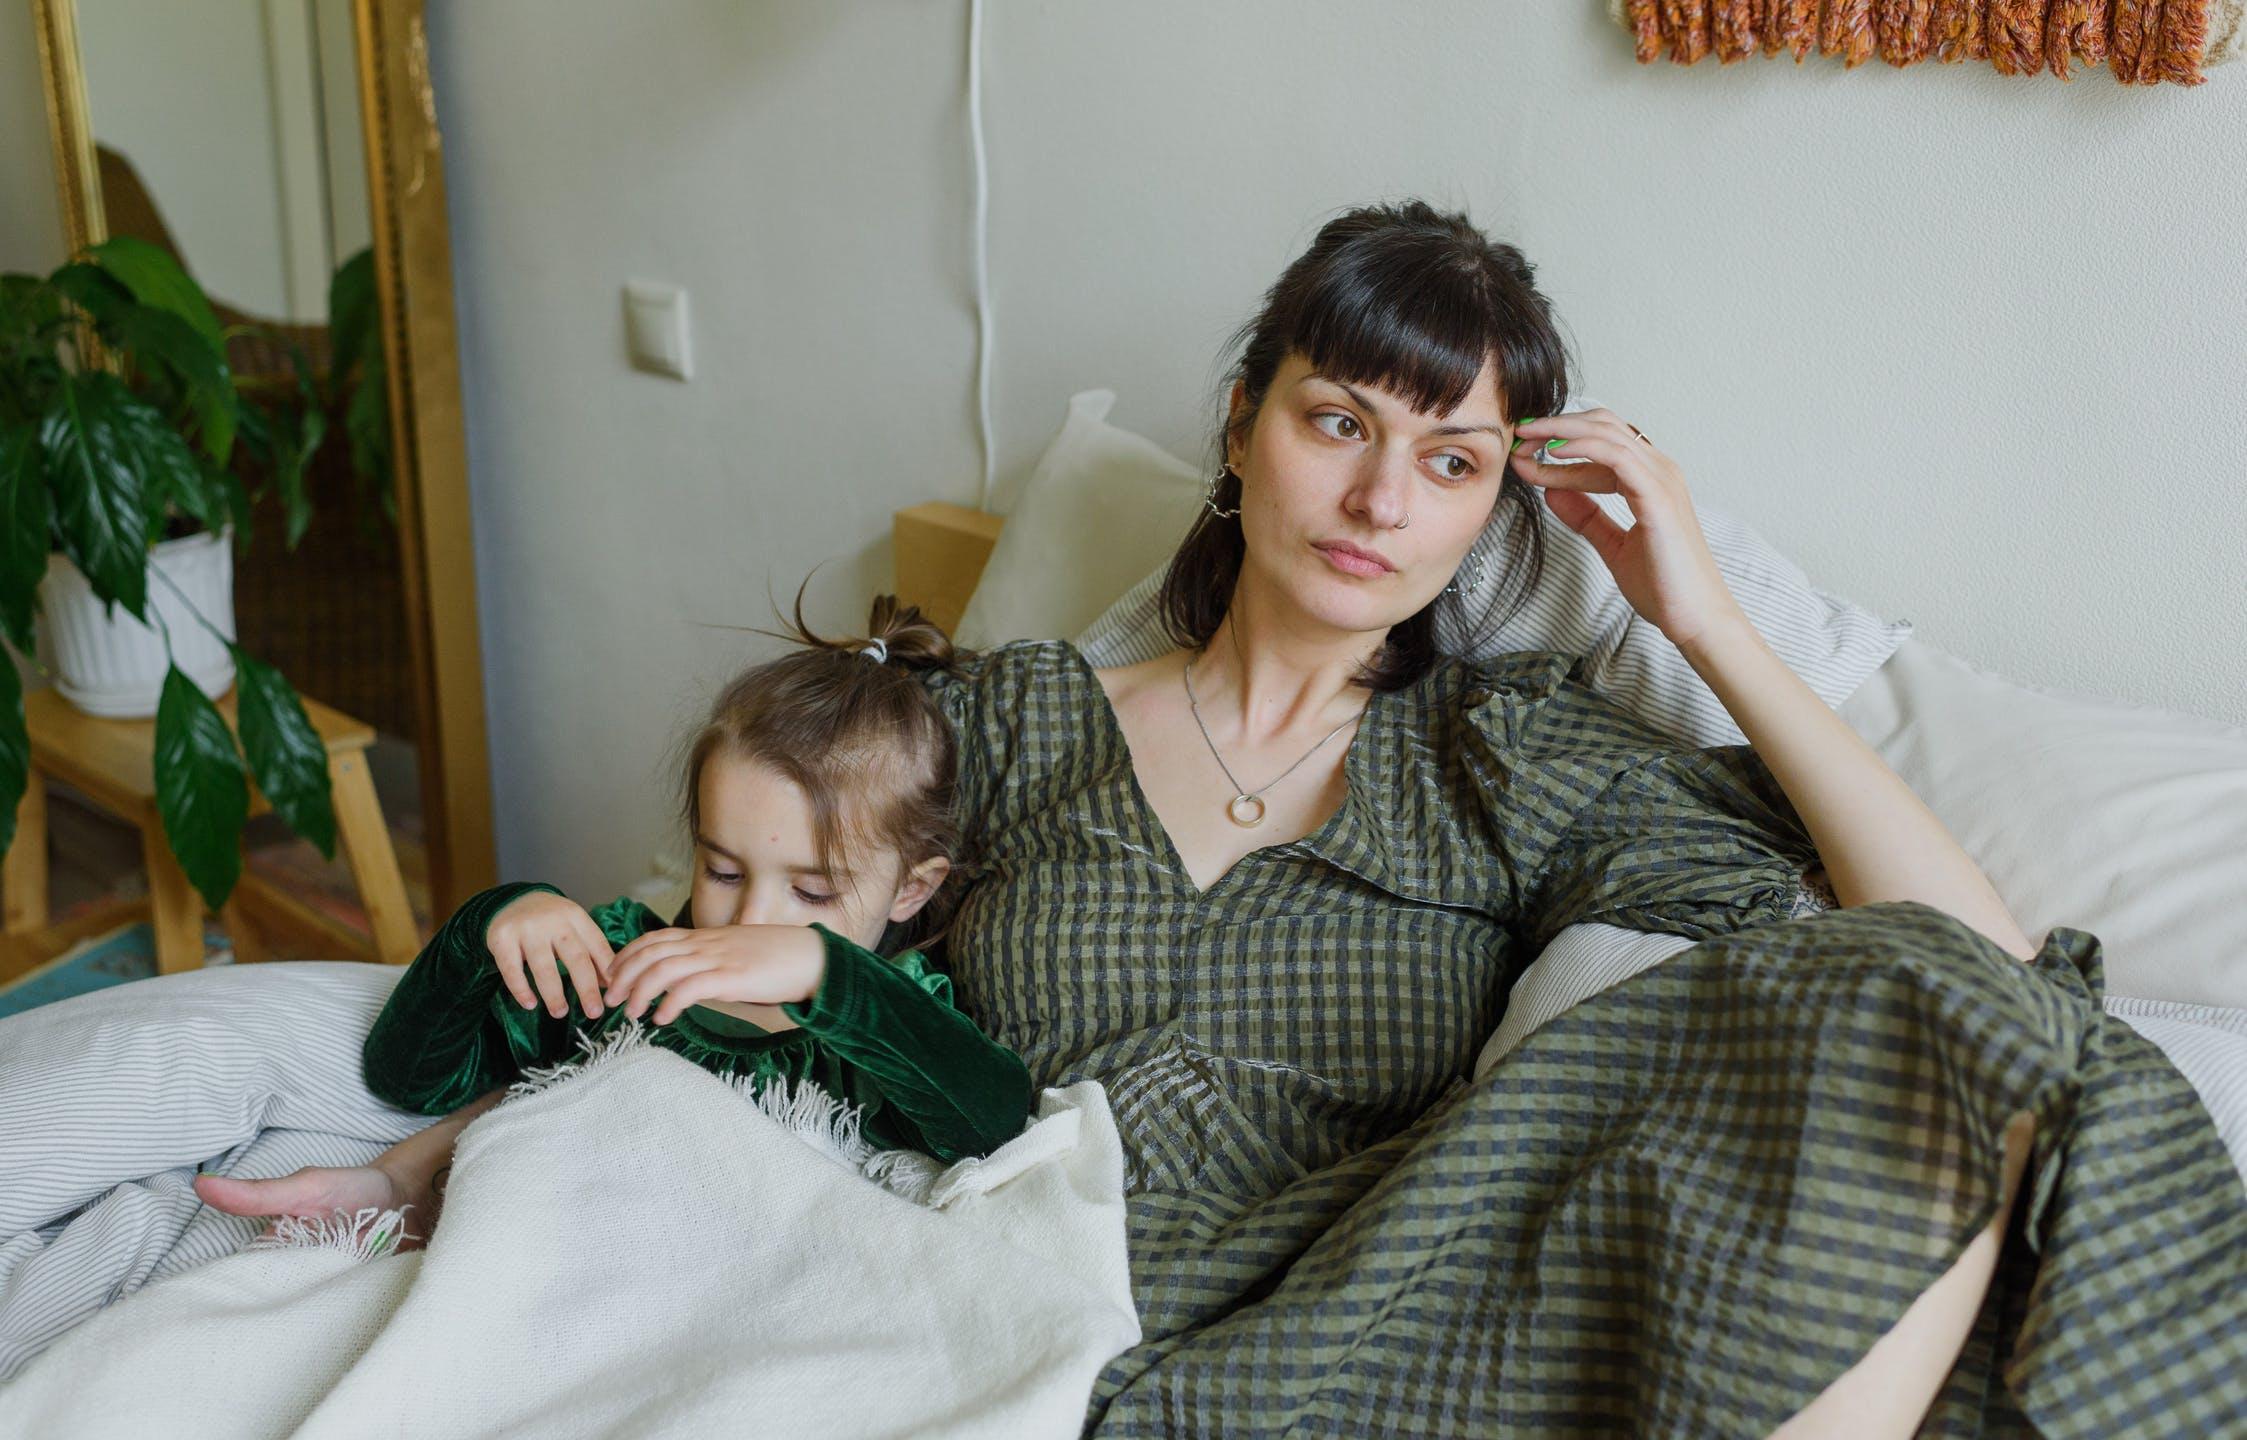 Матерям в России положены выплаты, о которых не все знают - новости Афанасий